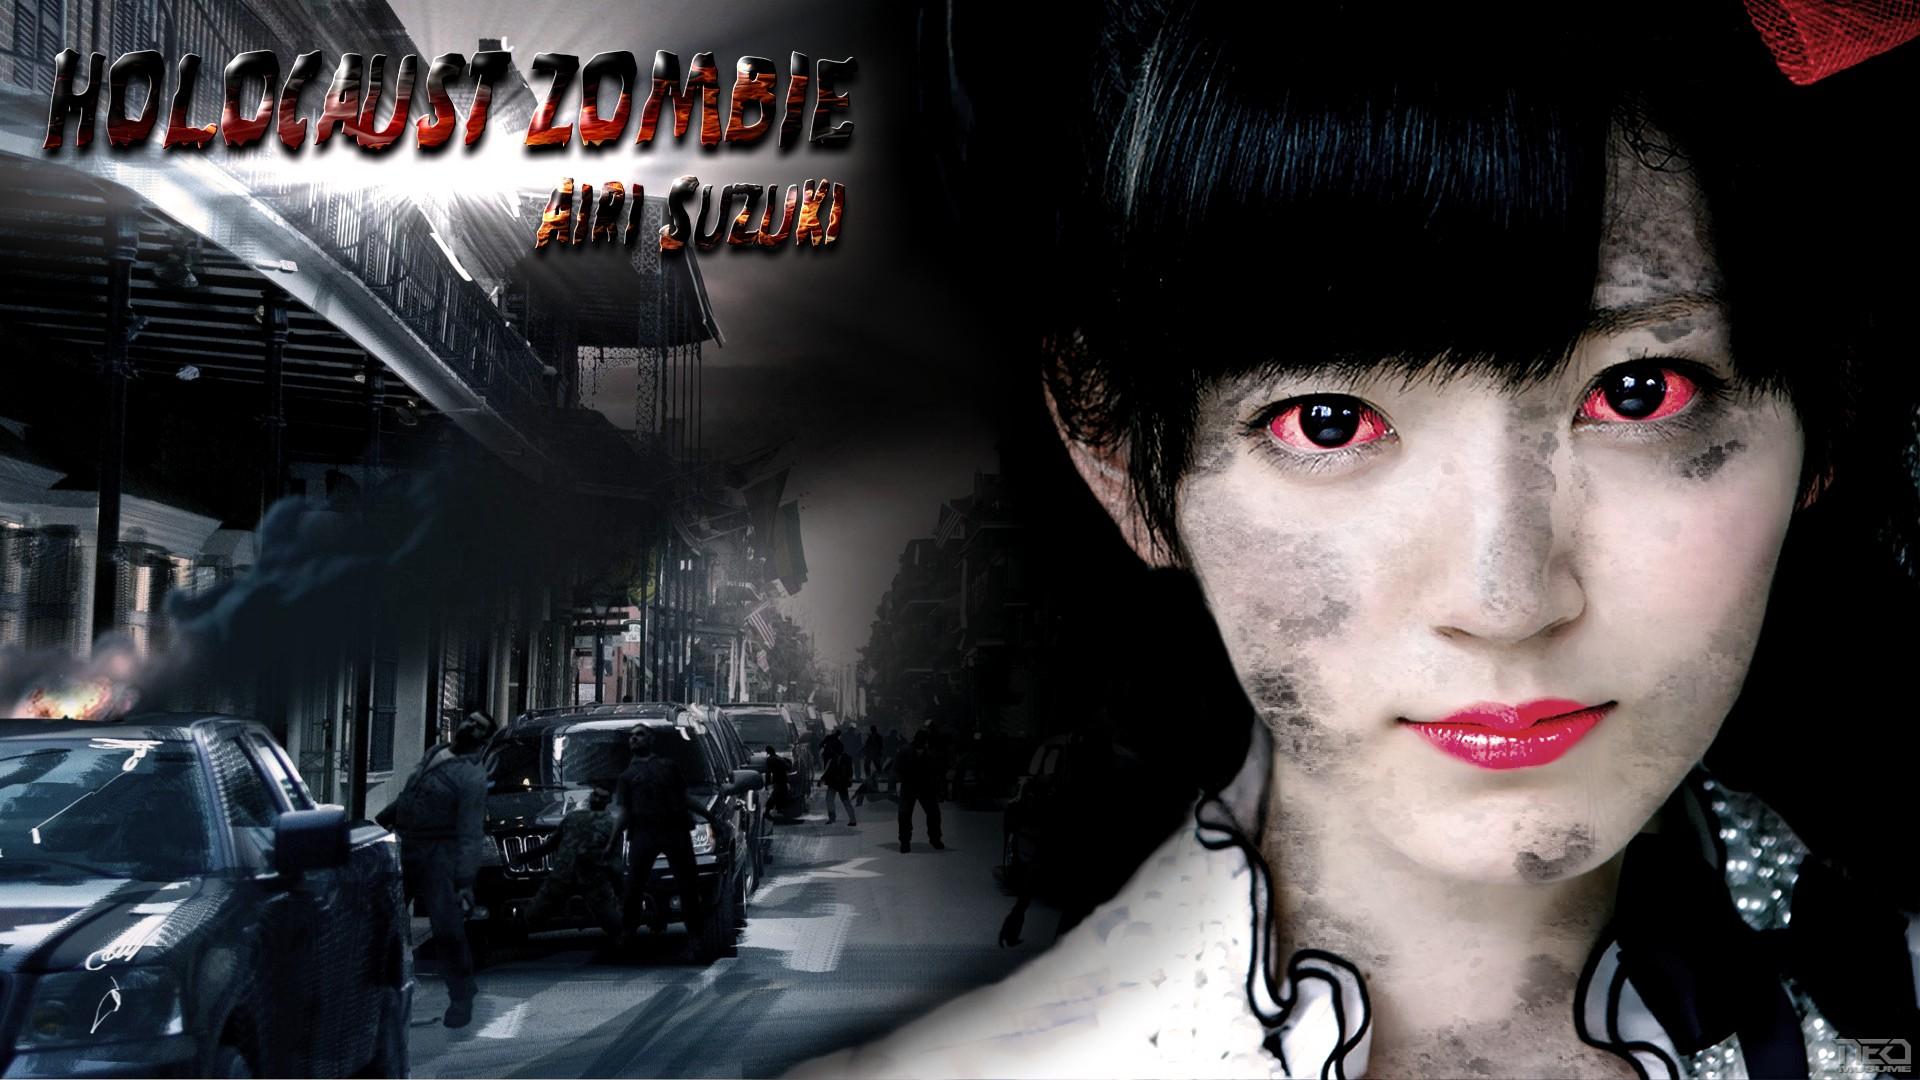 Holocaust Zombie Airi Suzuki